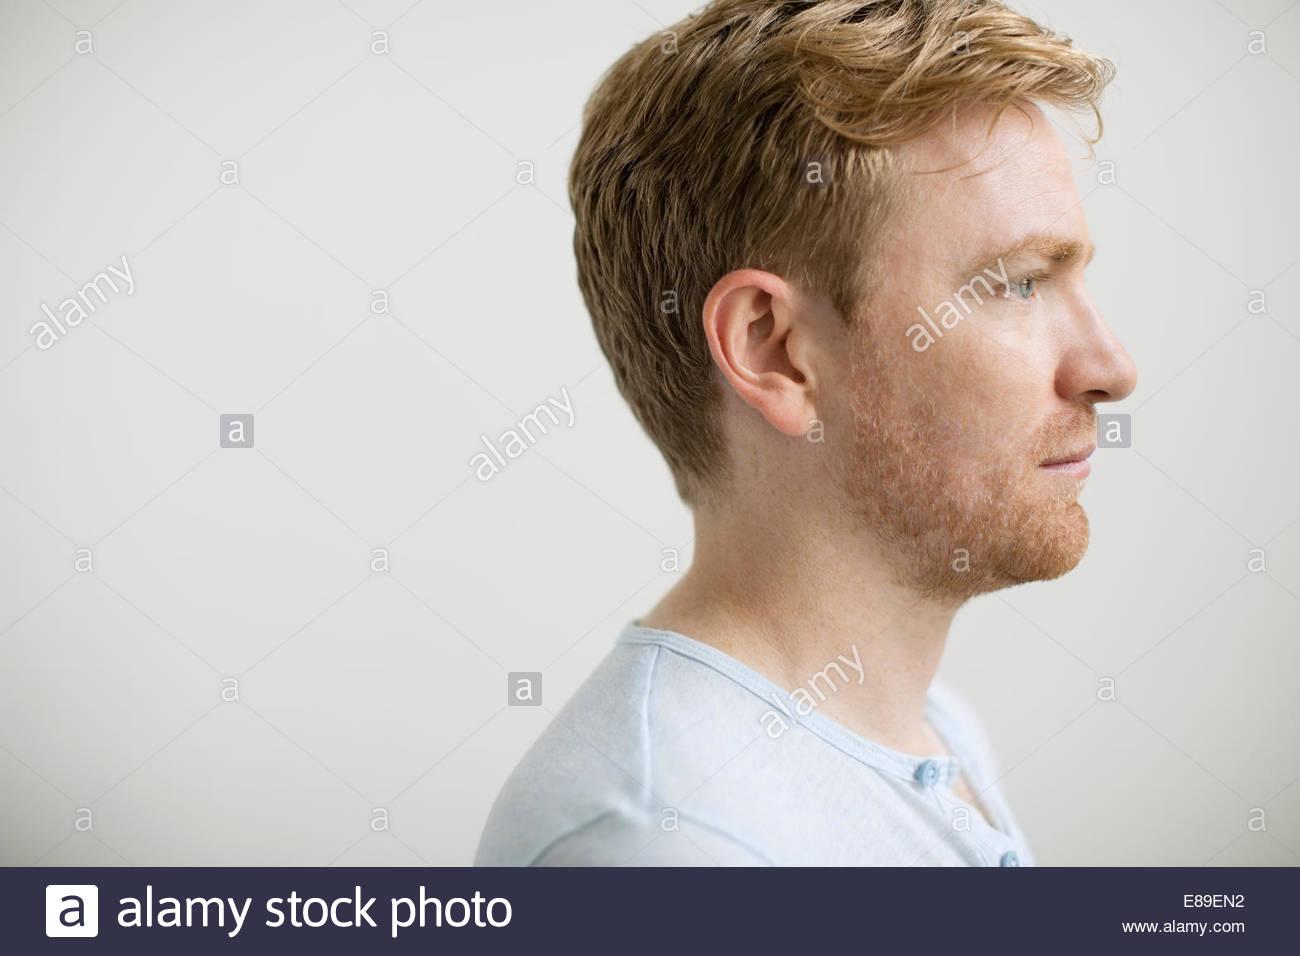 Perfil Del Hombre Con El Pelo Rubio Fresa Foto Imagen De Stock - Pelo-rubio-hombre